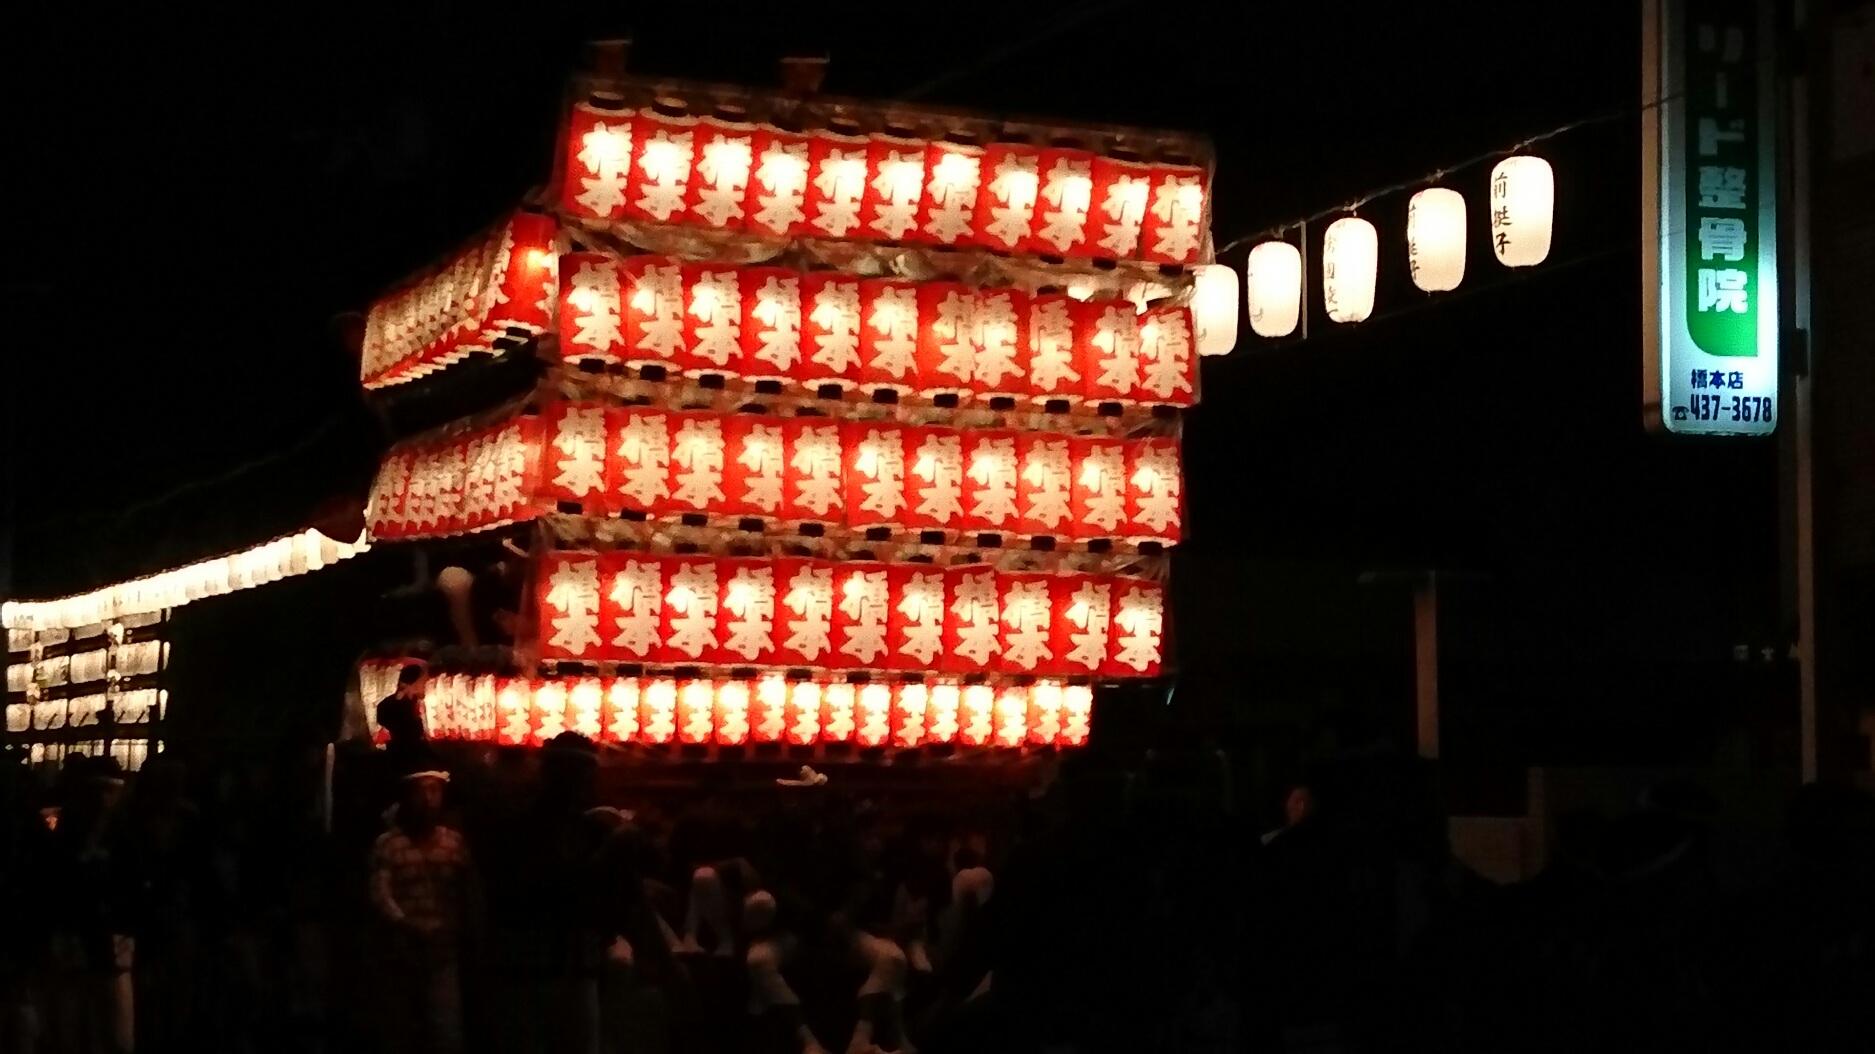 アルファード カーフィルム 紫外線 だんじり 大阪 貝塚_a0197623_1871888.jpg